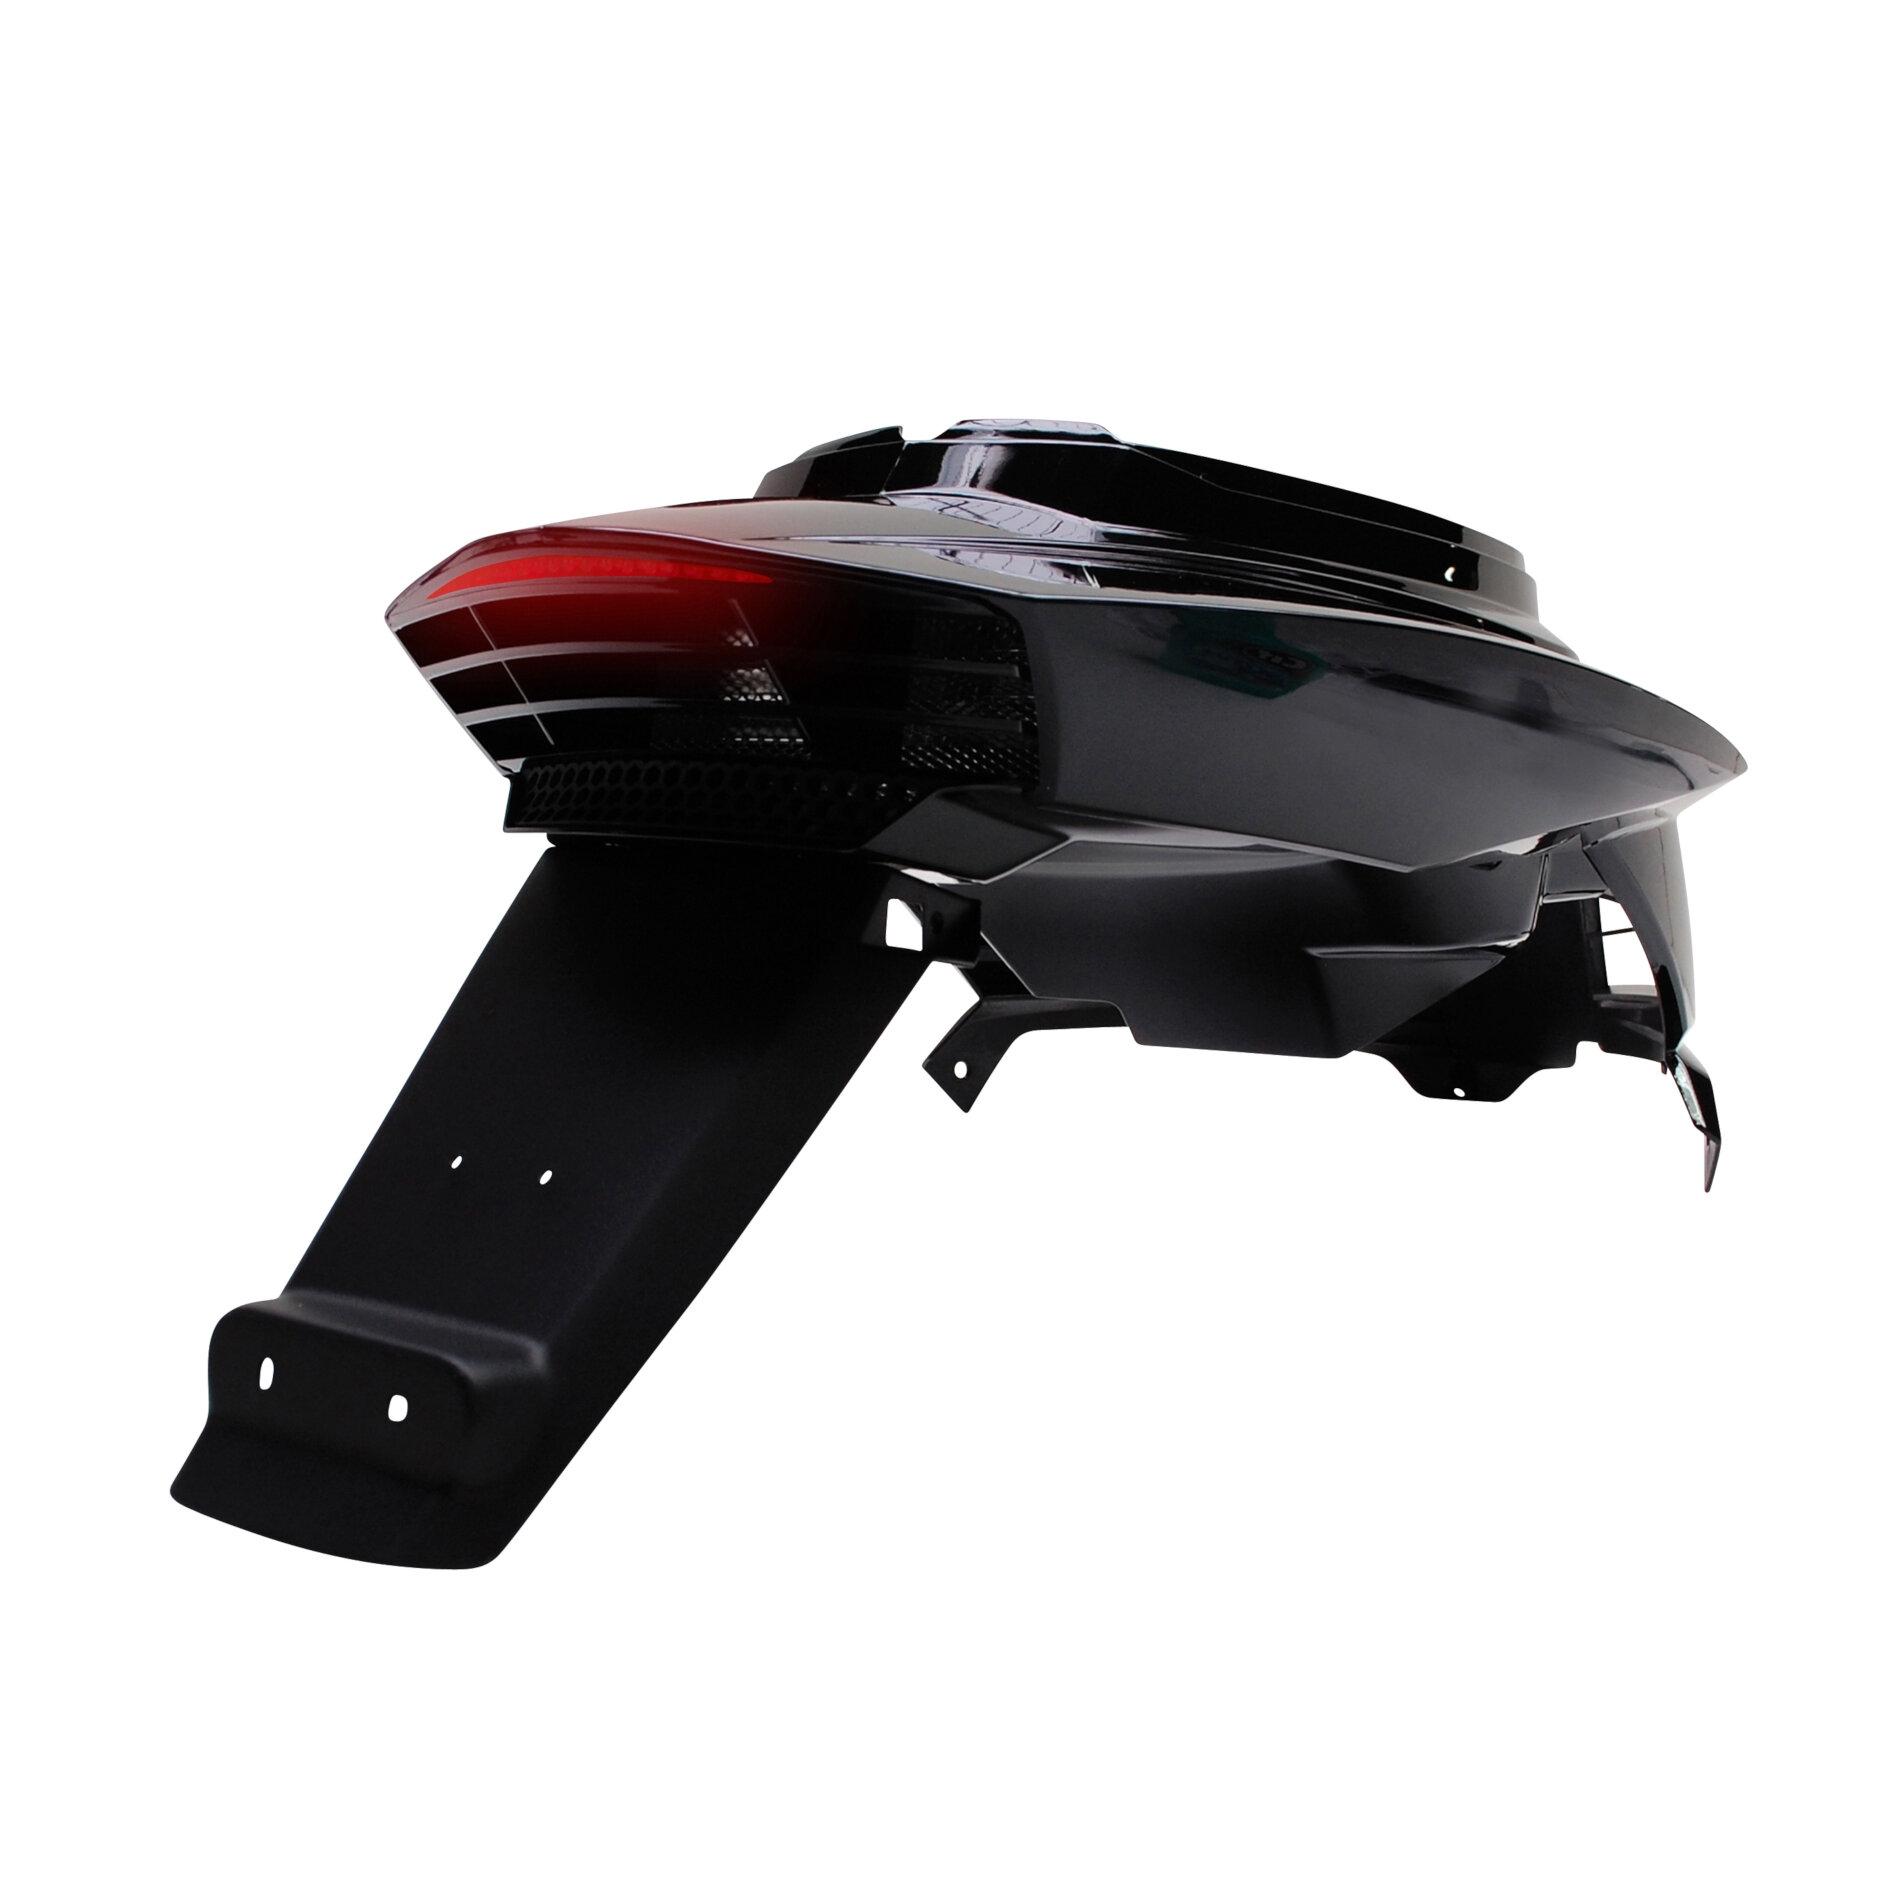 Coque arrière BCD avec passage de roue et feu Booster 04- - Noir